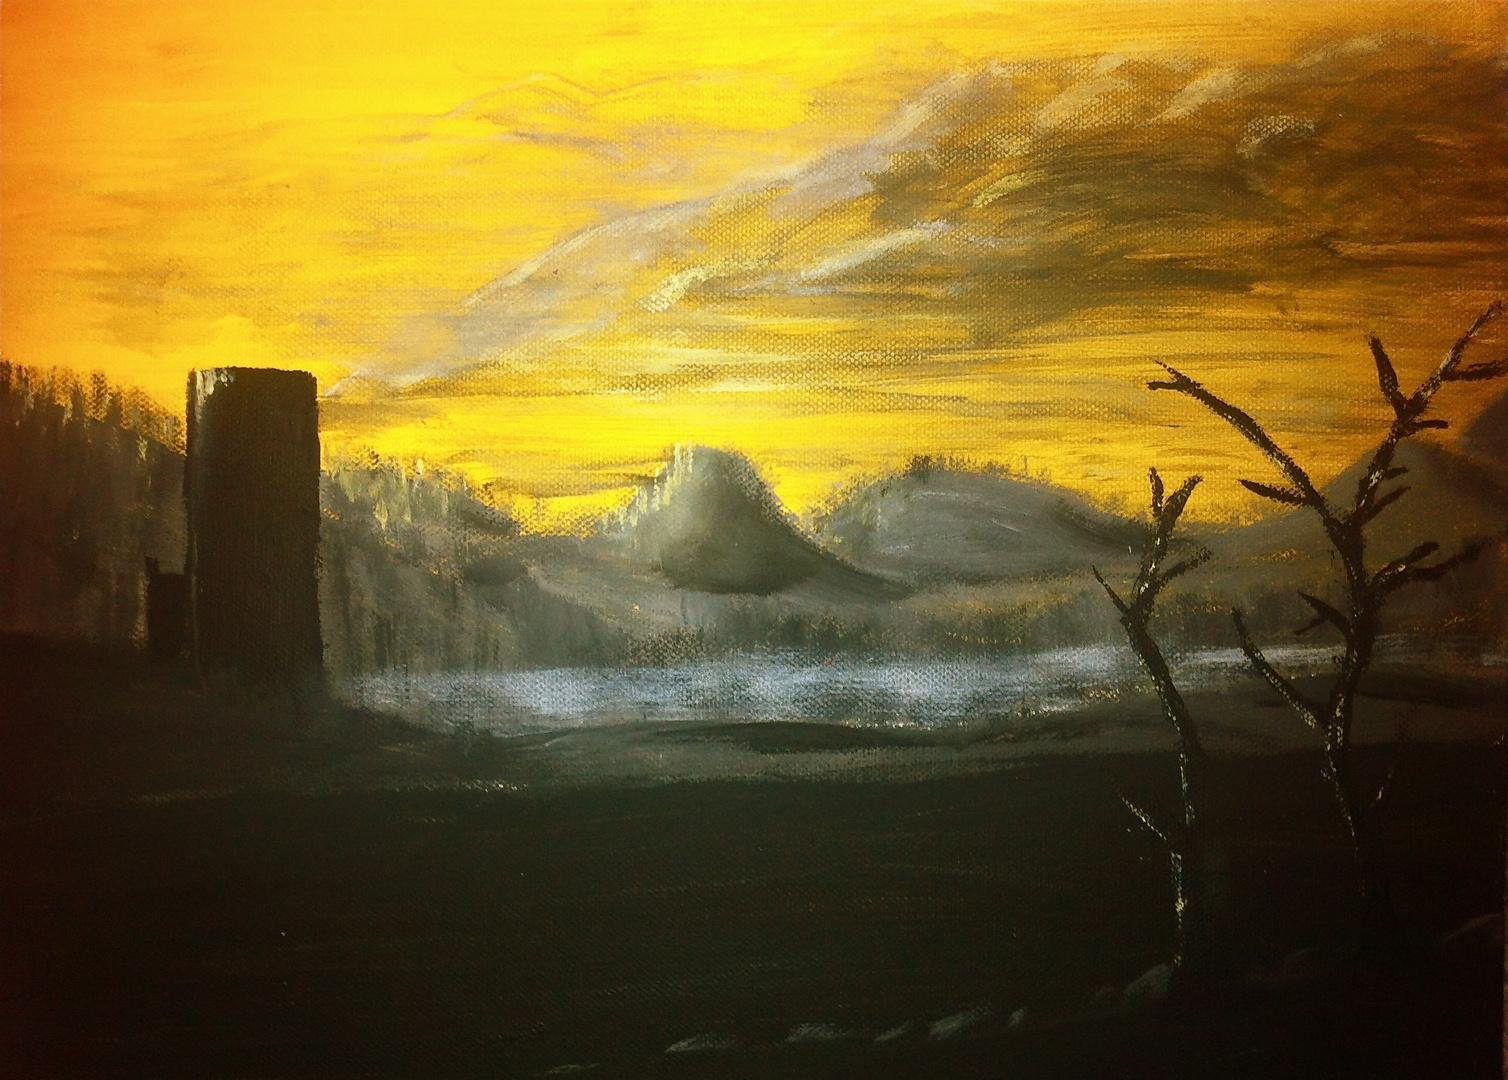 Abend in der Eifel